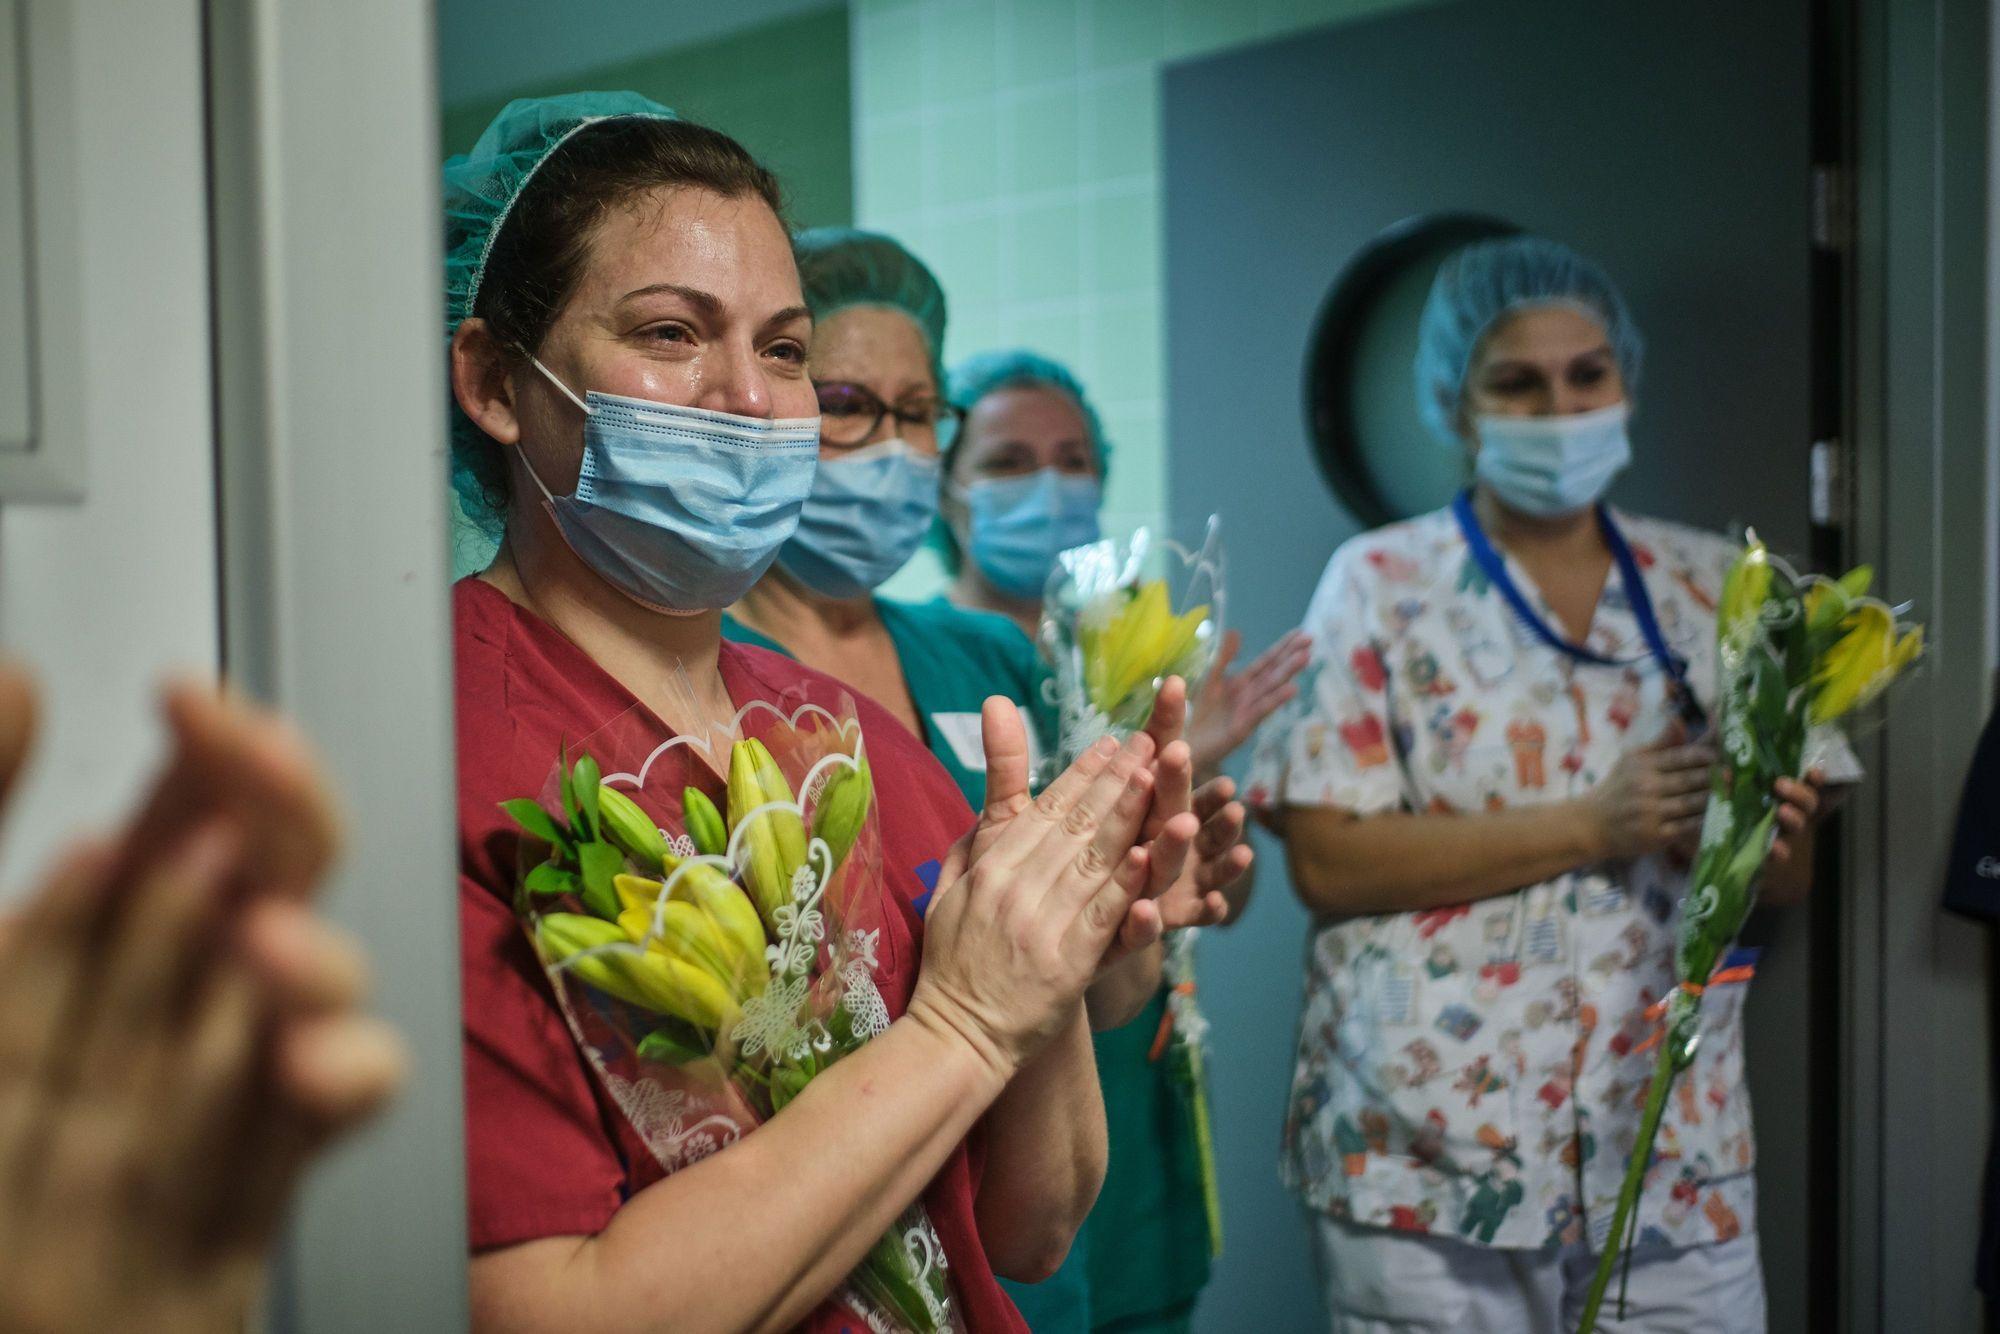 Sanitarios durante la pandemia.jpg